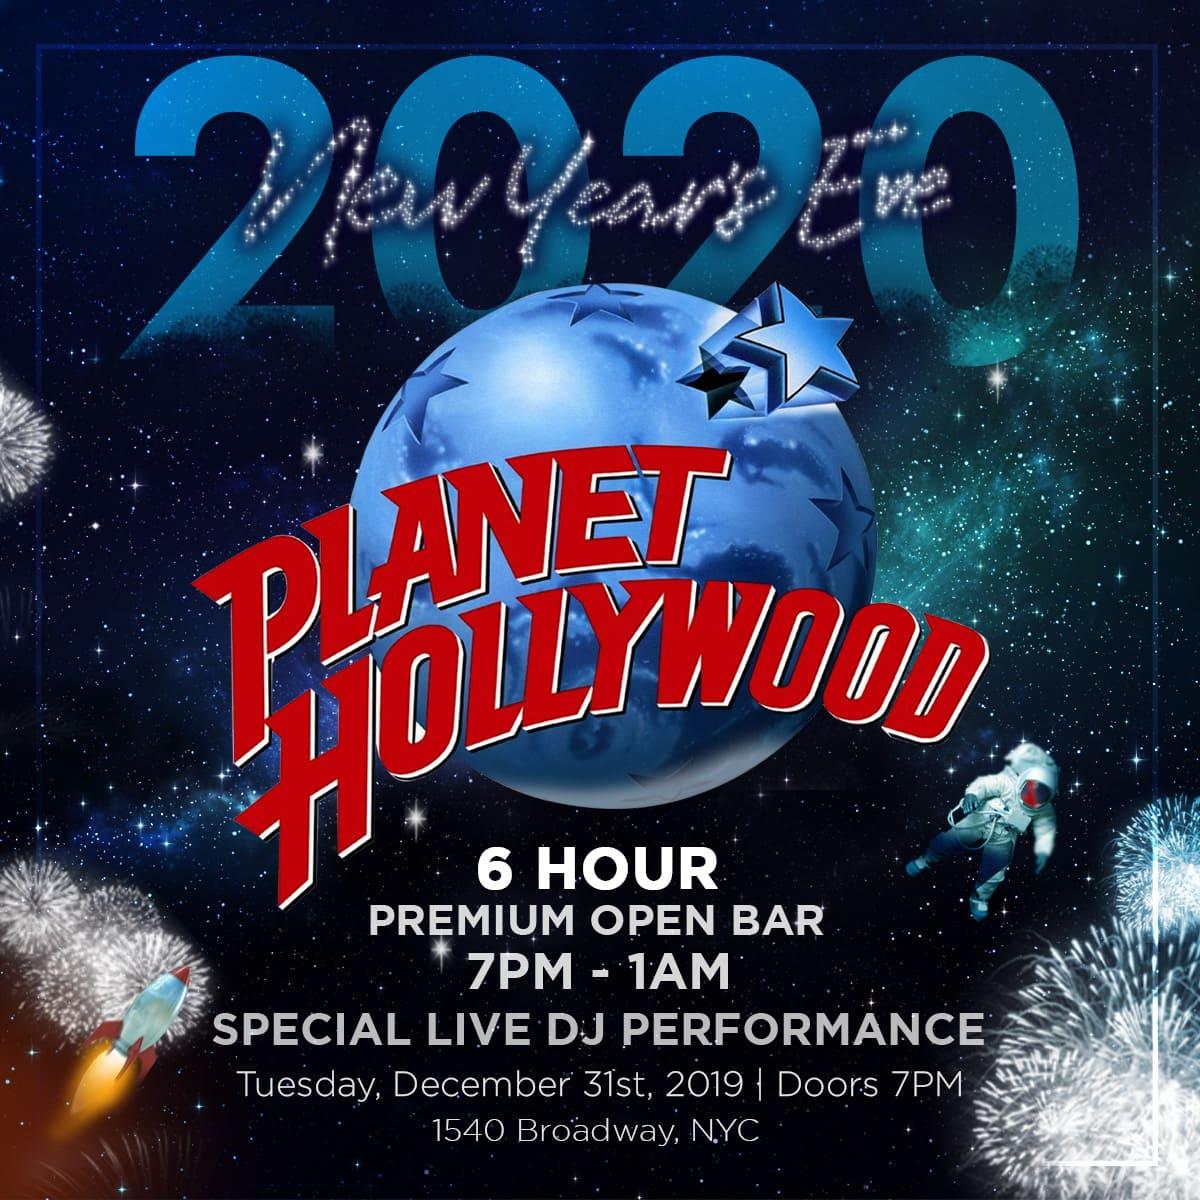 Planet Hollywood NYE 2020